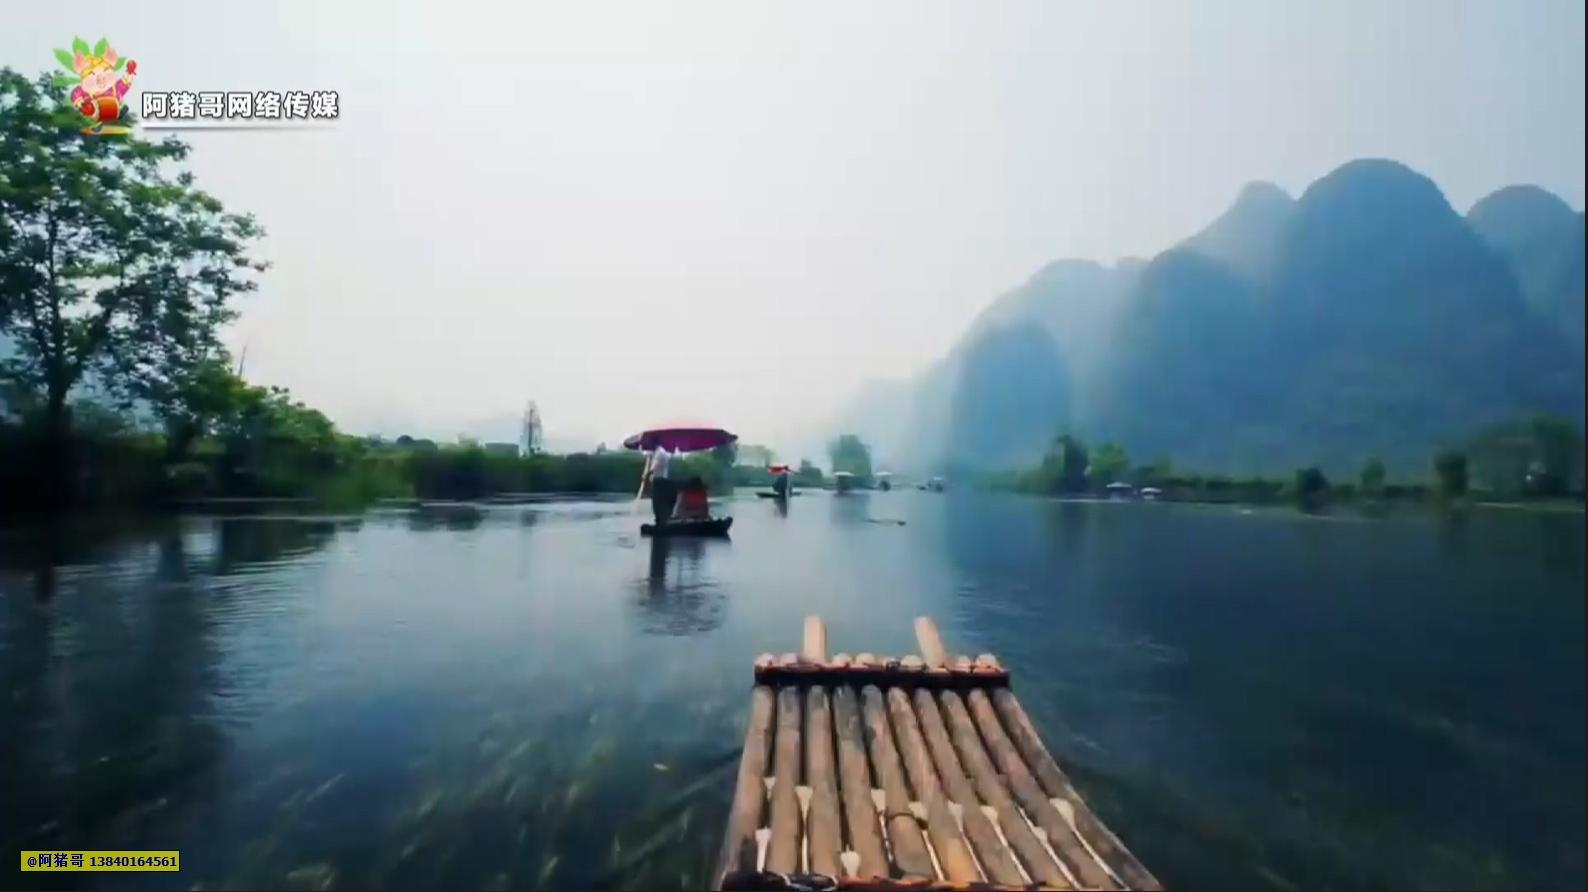 阿猪哥网络传媒:在制作X企业官网视频广告宣